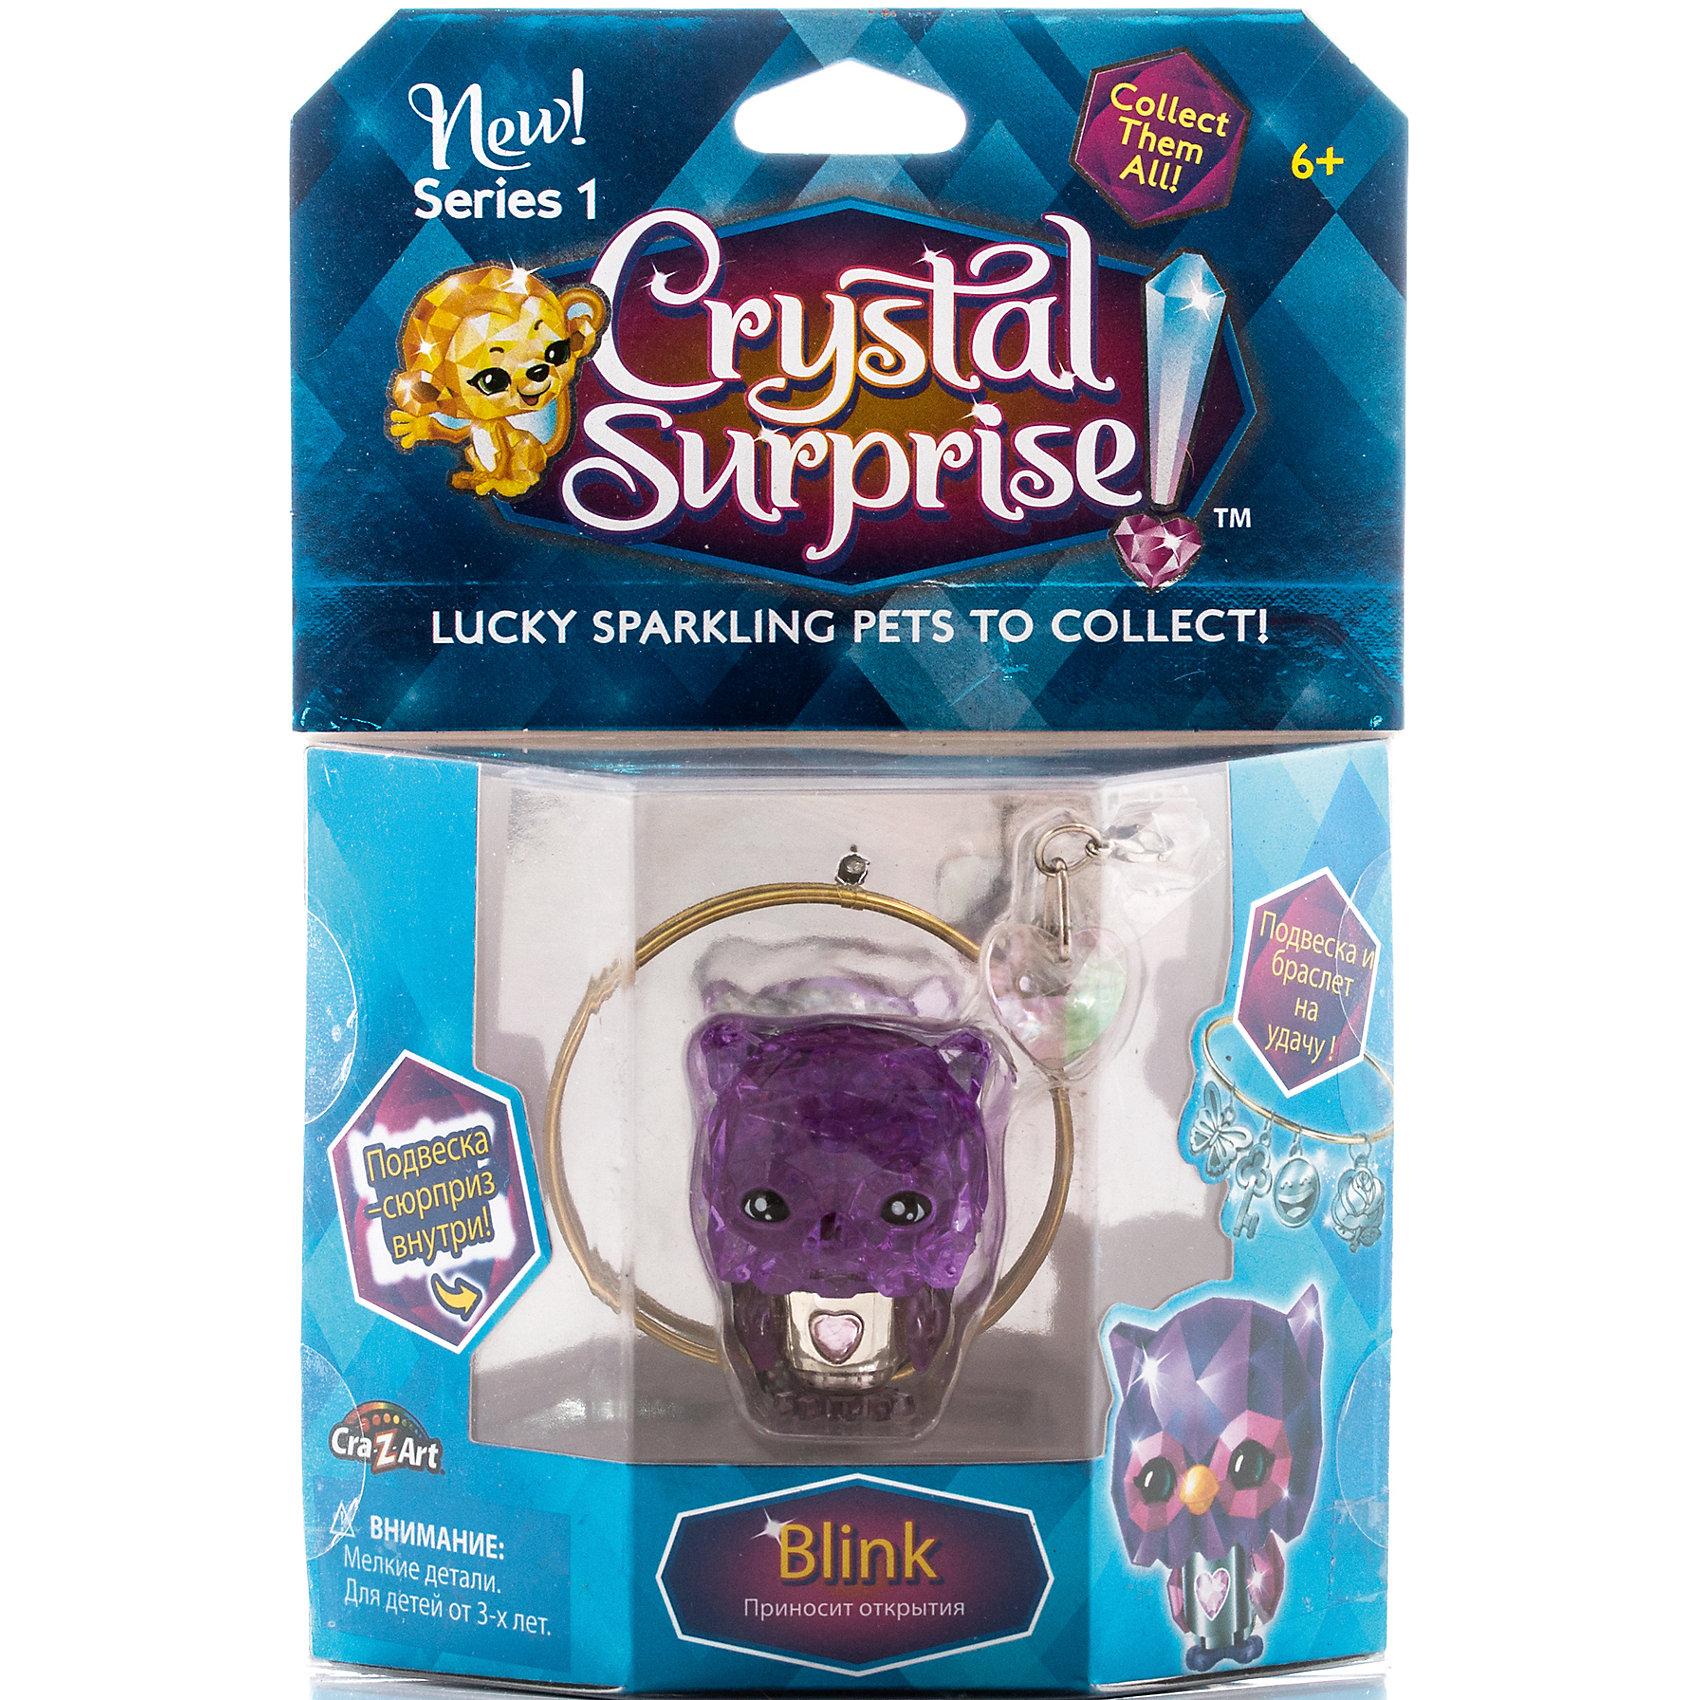 Фигурка Сова+браслет и подвески, Crystal SurpriseФигурки Crystal Surprise - искрящийся на солнце талисман. Эти волшебные зверьки будто сияют магией! Кристальные фигурки выполнены из высококачественного прозрачного пластика. У каждого зверька свой цвет и своя, особенная, история. Совенок Блинк (Blink) - кристальная фигурка и одновременно талисман. Он приносит удачу всем путешественникам и первооткрывателям! Отправляясь в поездку, следует взять Блинка с собой - он поможет найти самые красивые места и сделаем путешествие удачным и веселым. Кристальная фигурка сделана из прозрачного материала с фиолетовым оттенком. В комплект, также, входит буклет коллекционера и украшения для девочек - браслет, подвеска в виде сердечка и подвеска-сюрприз. Их можно повесить на рюкзак, использовать как брелок или украсить свой браслет.<br><br>Ширина мм: 130<br>Глубина мм: 195<br>Высота мм: 45<br>Вес г: 87<br>Возраст от месяцев: 36<br>Возраст до месяцев: 192<br>Пол: Женский<br>Возраст: Детский<br>SKU: 4663709